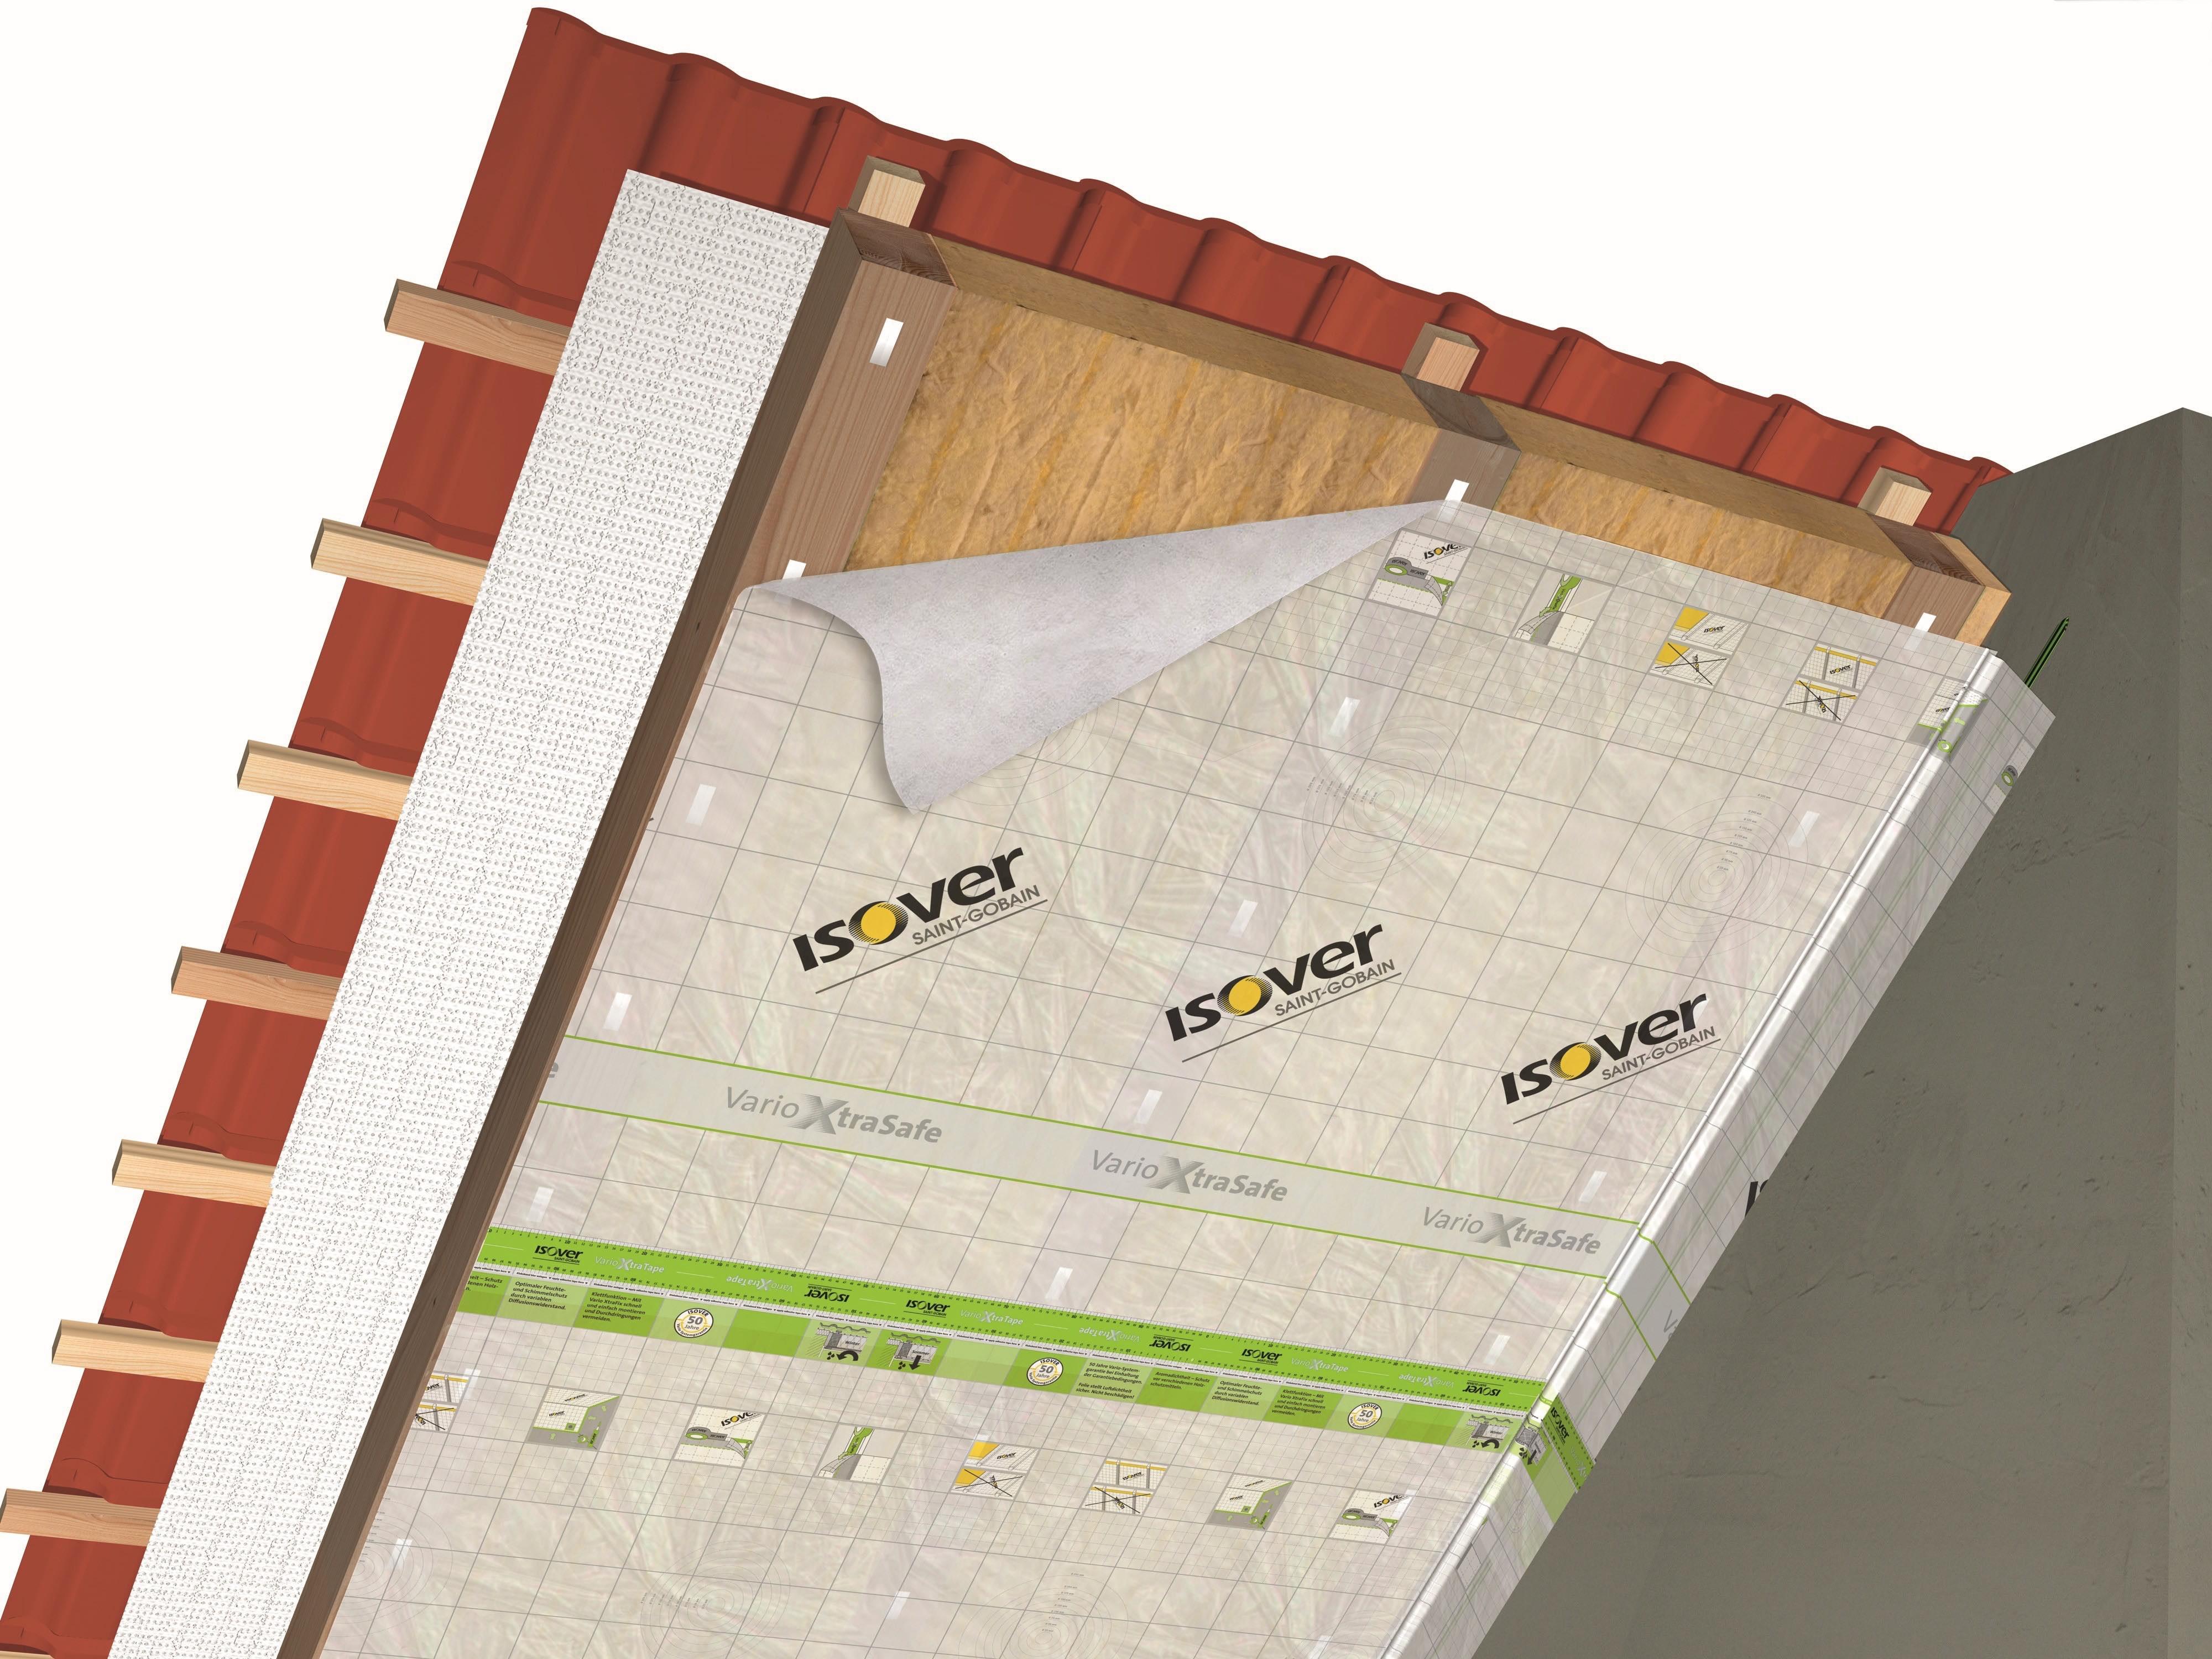 Dampfsperre oder Dampfbremse am Dach - Wo ist der Unterschied?